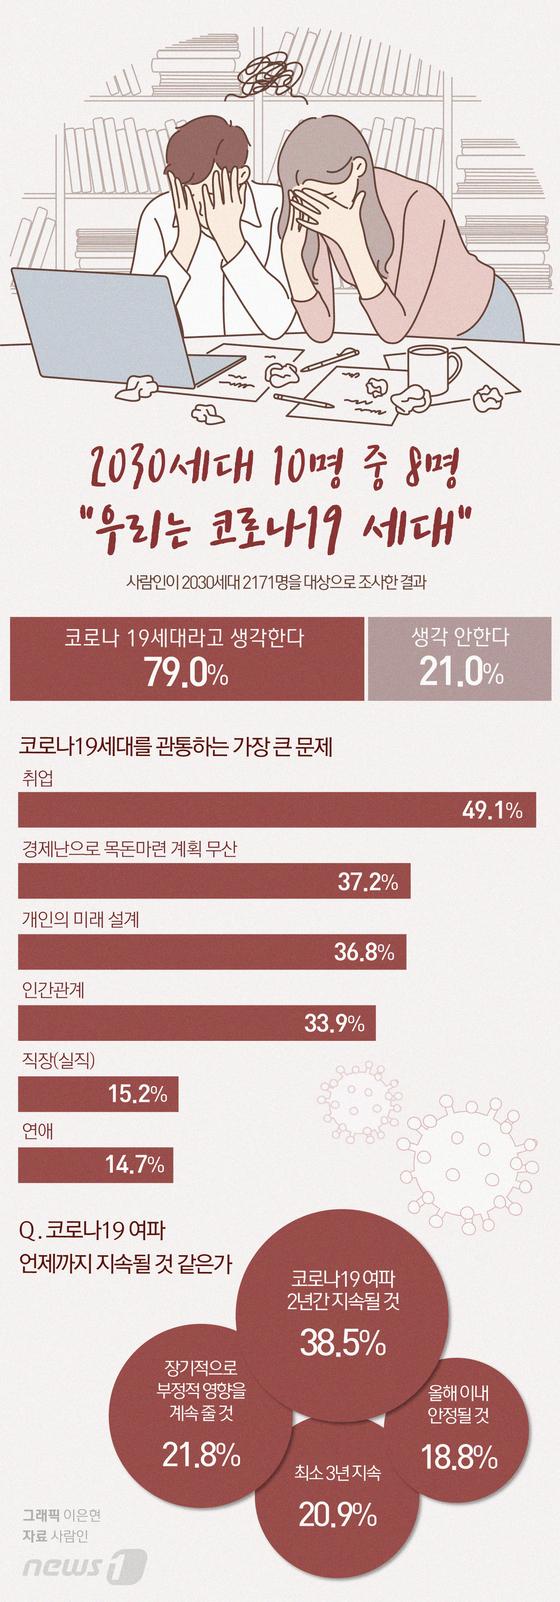 [그래픽뉴스] 2030세대 10명 중 8명 \